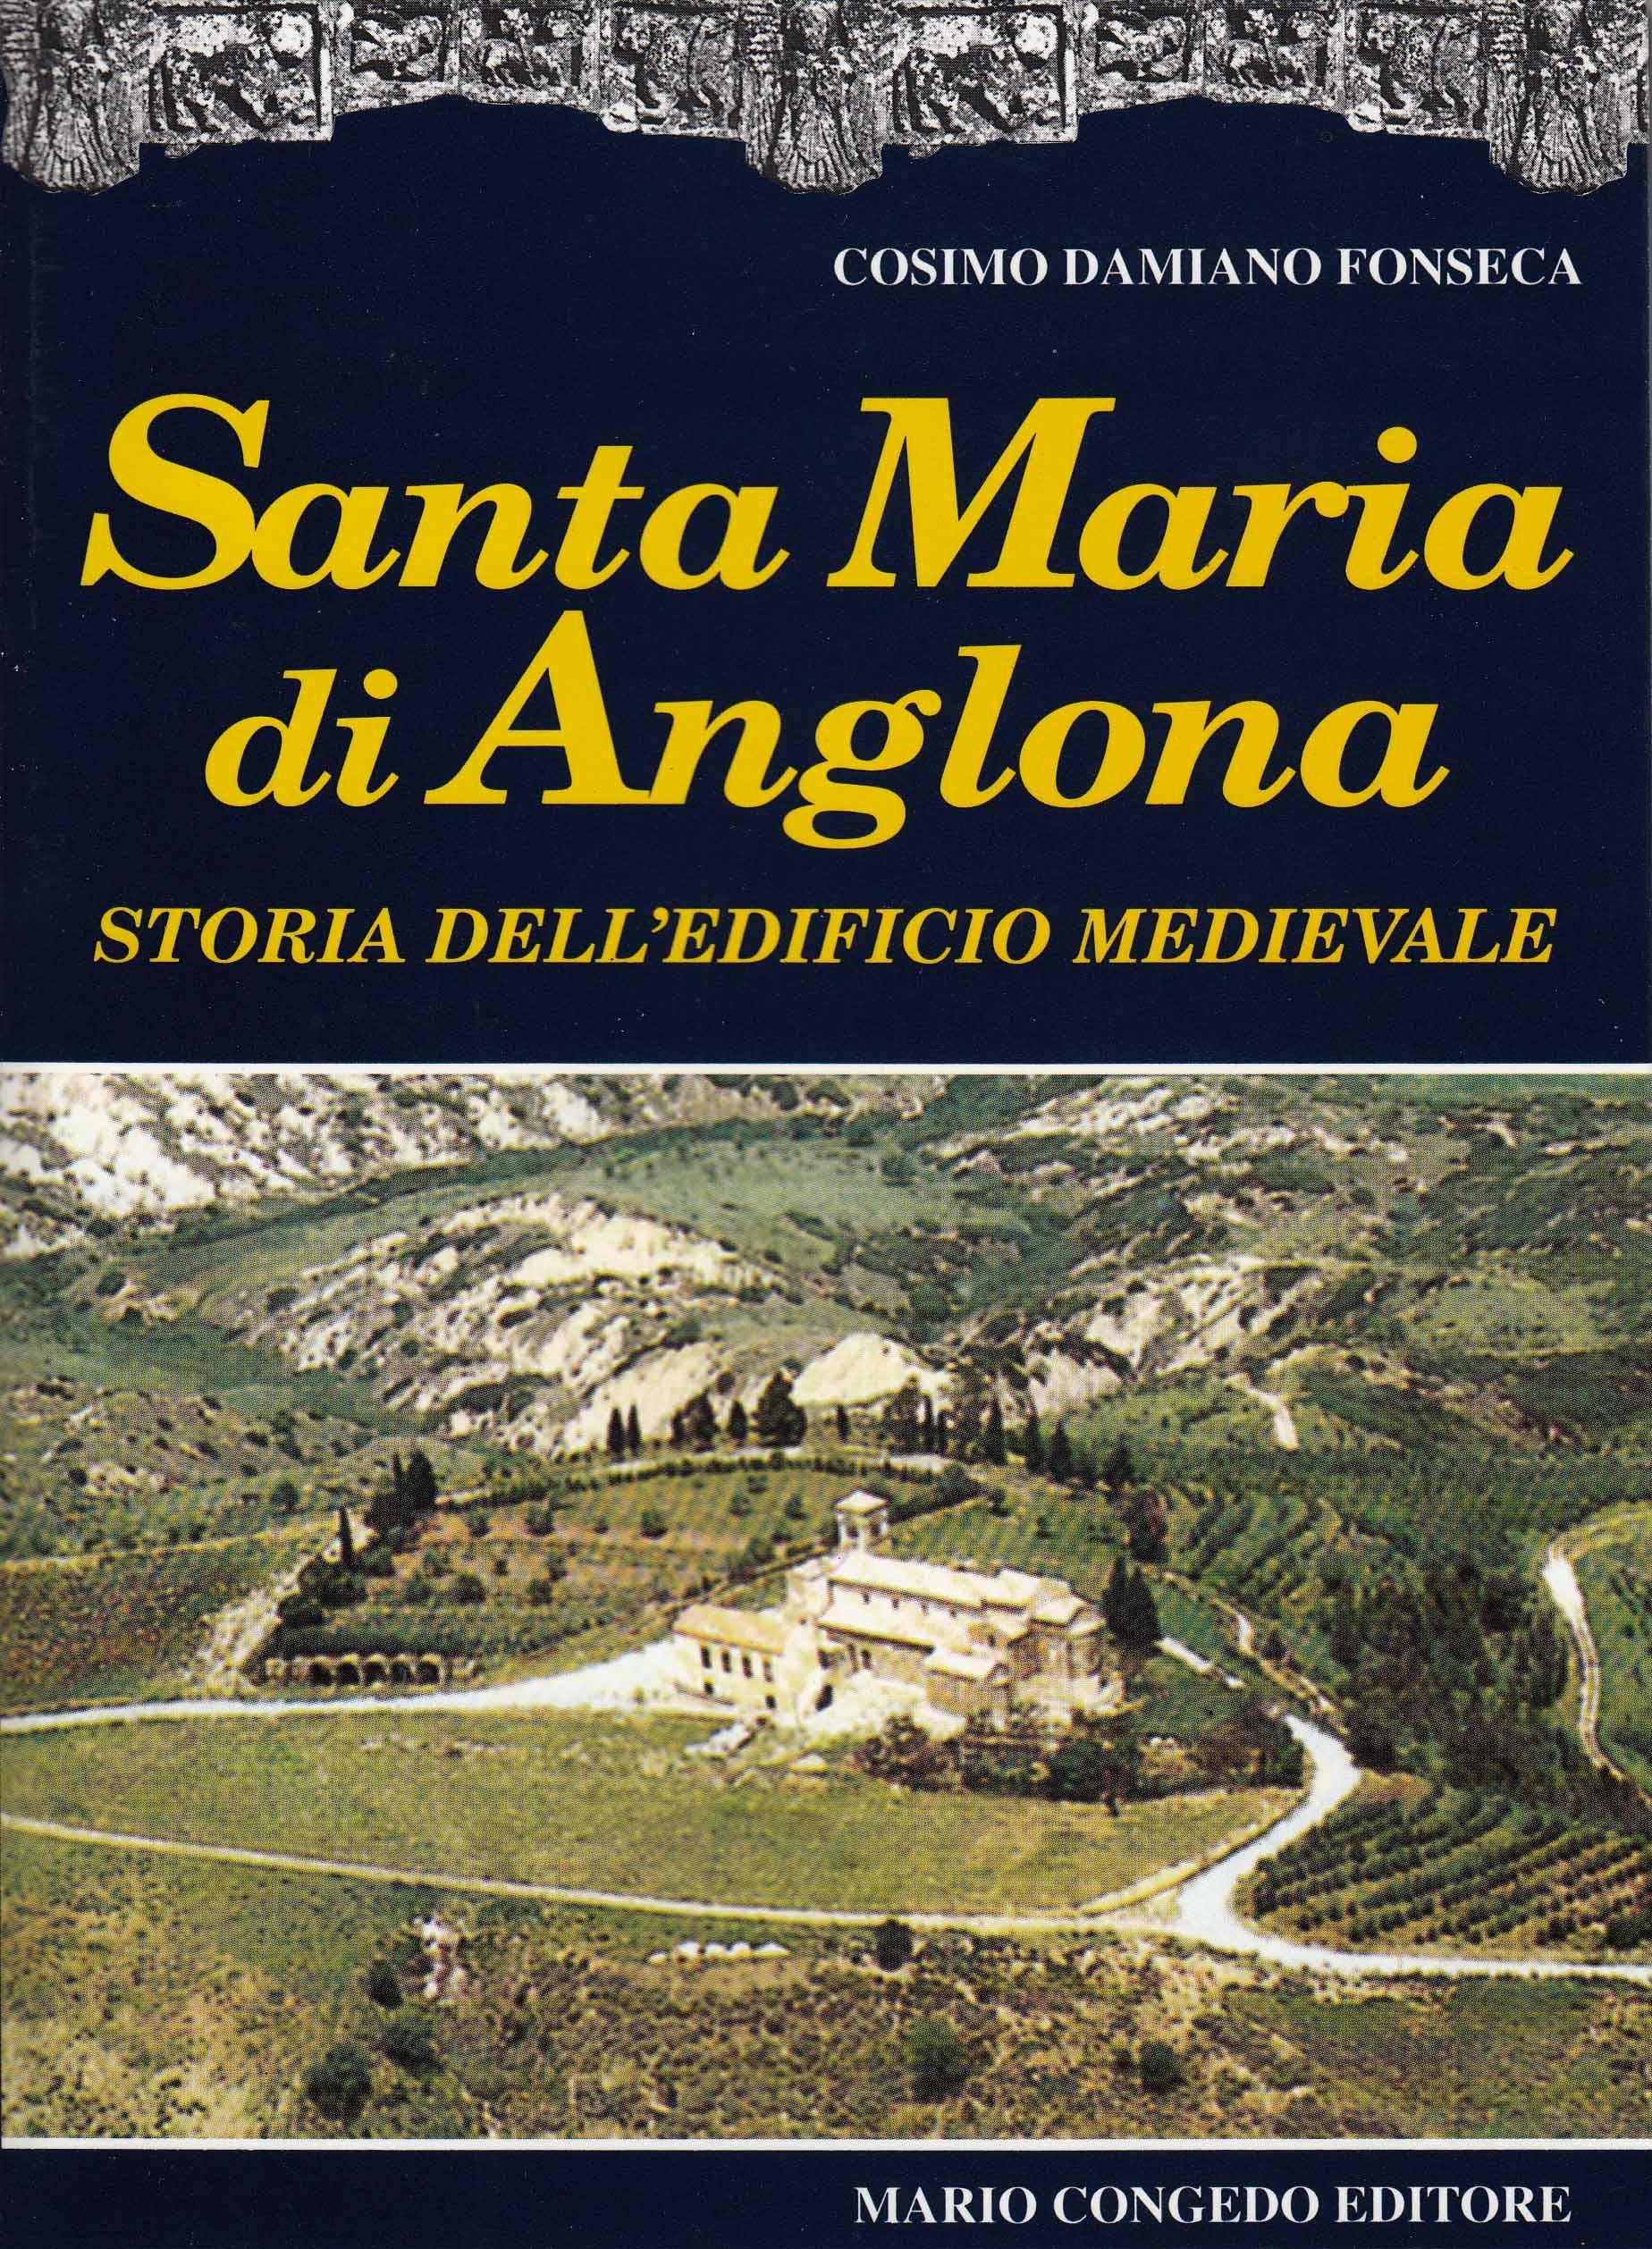 Santa Maria di Anglona. Storia dell'edificio medievale